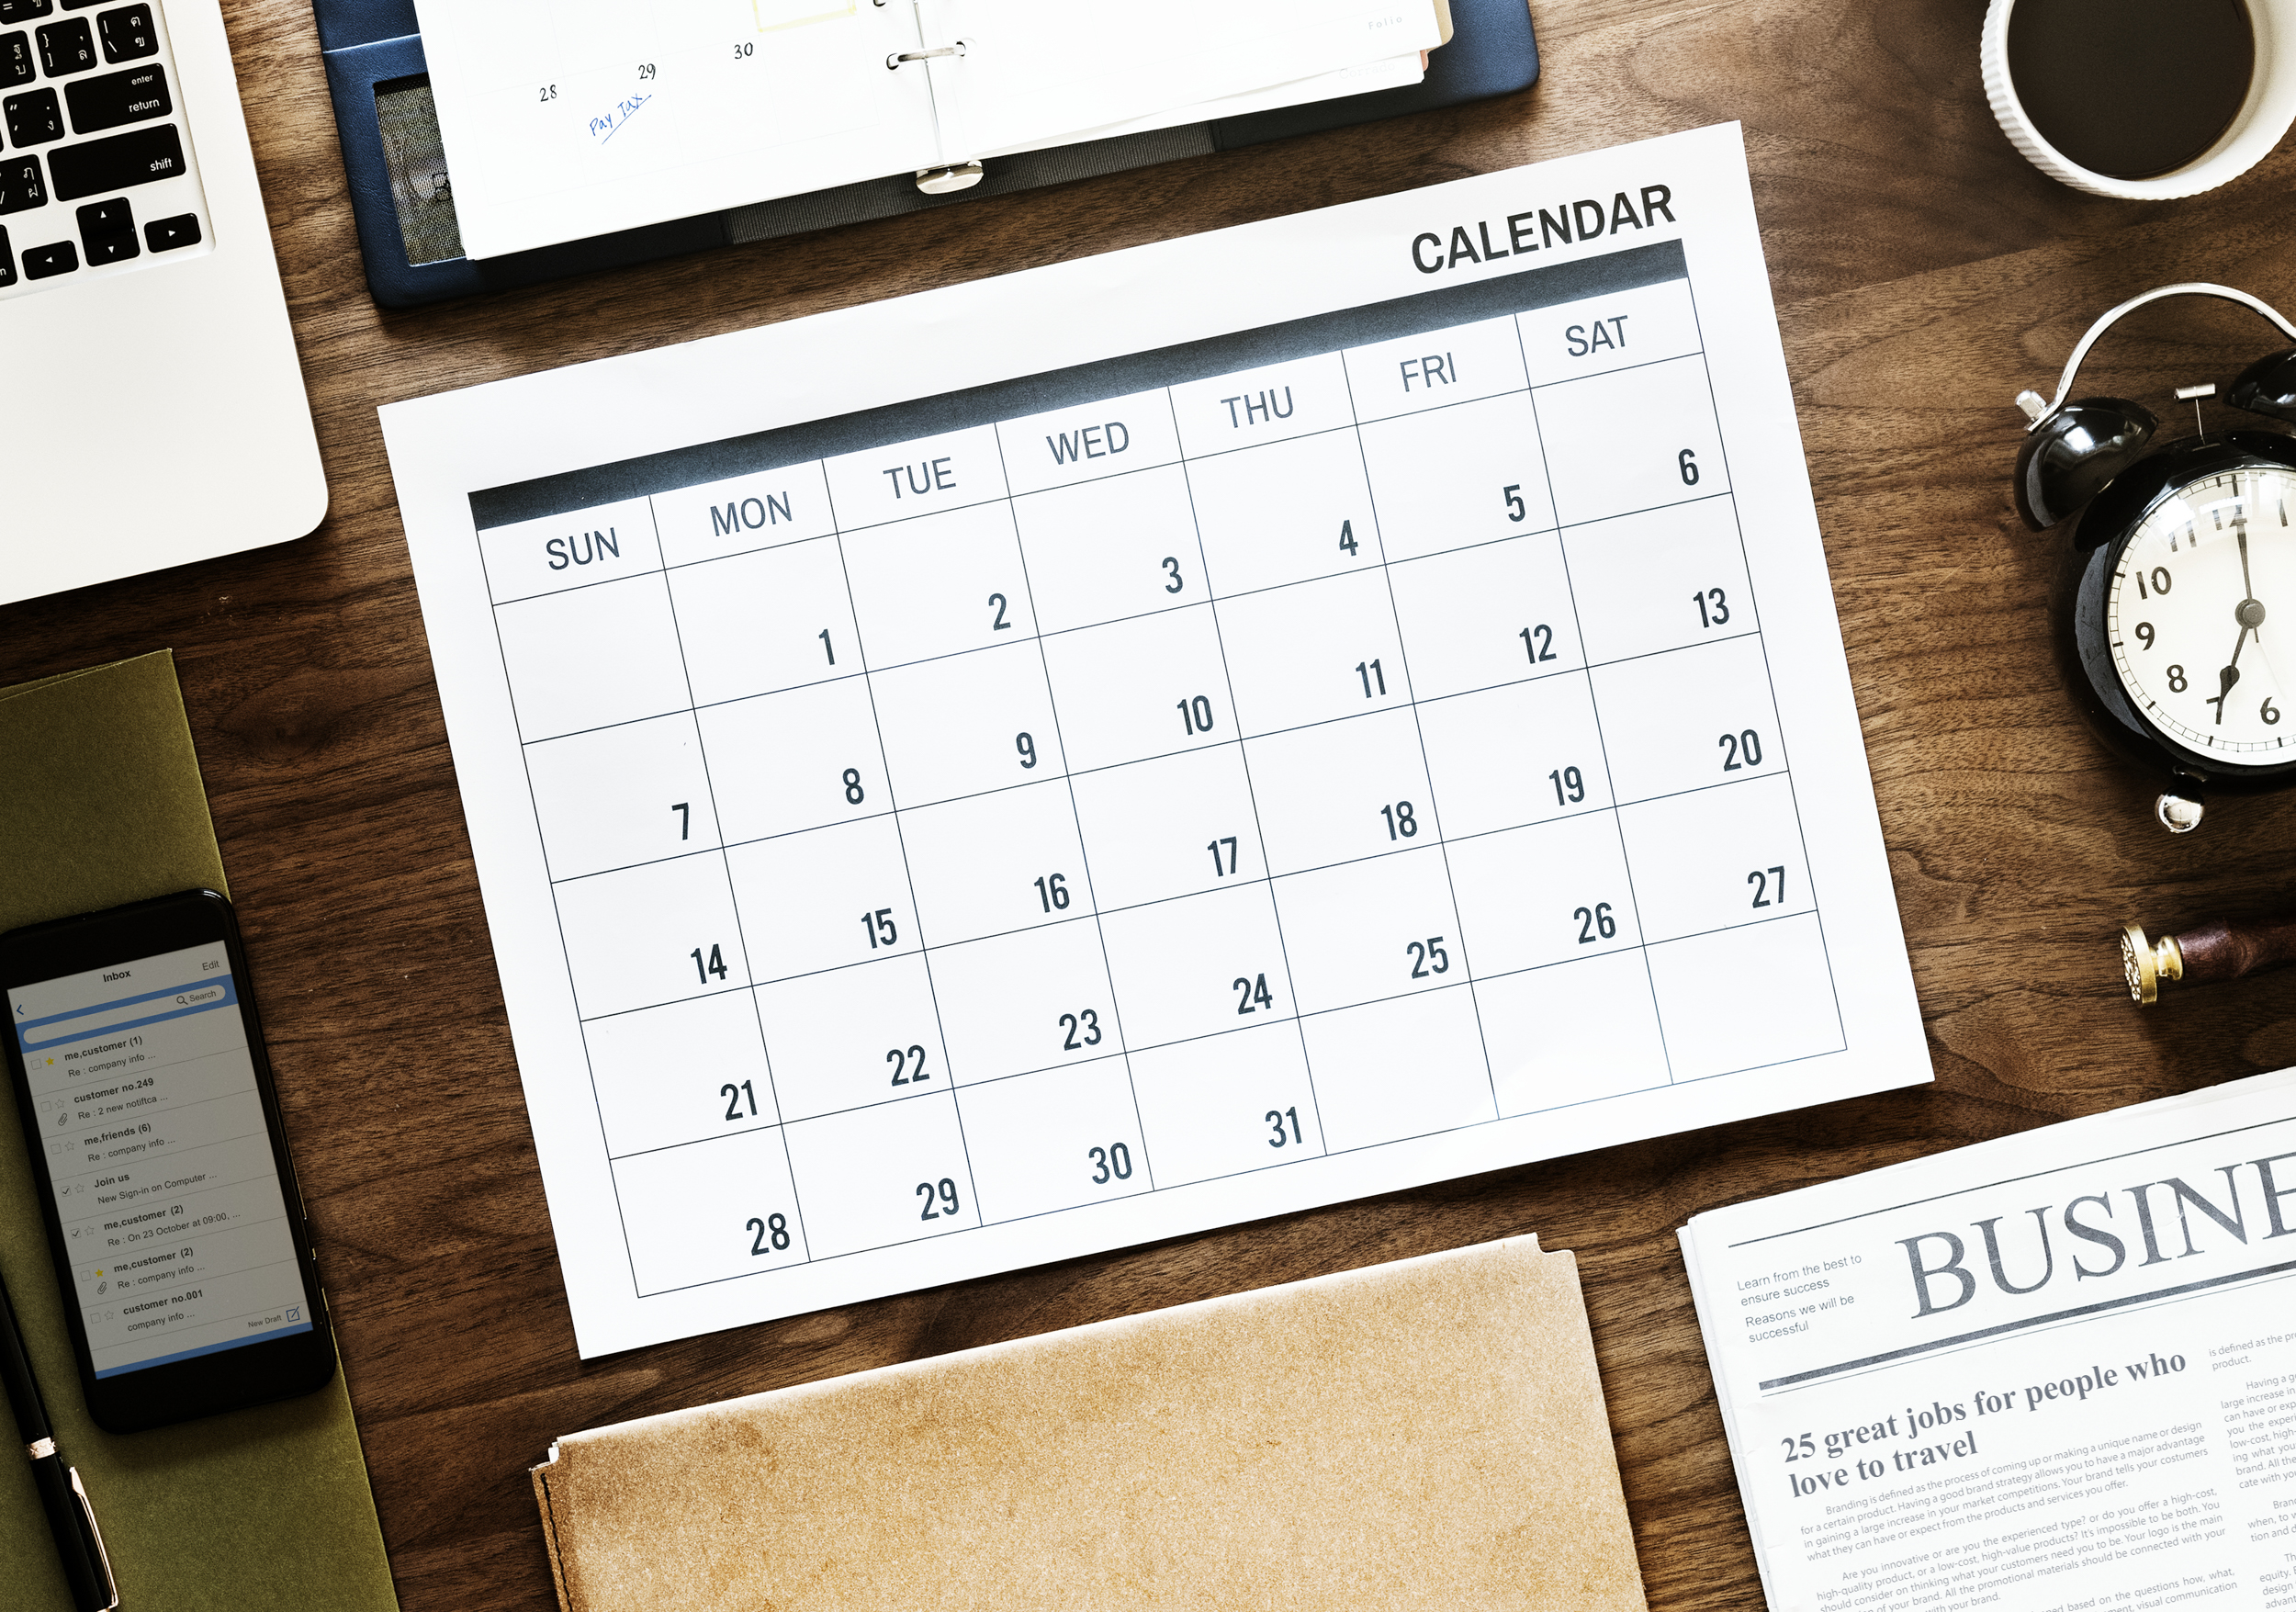 Calendario y horario - Calendario escolar, horario lectivo y de visitas